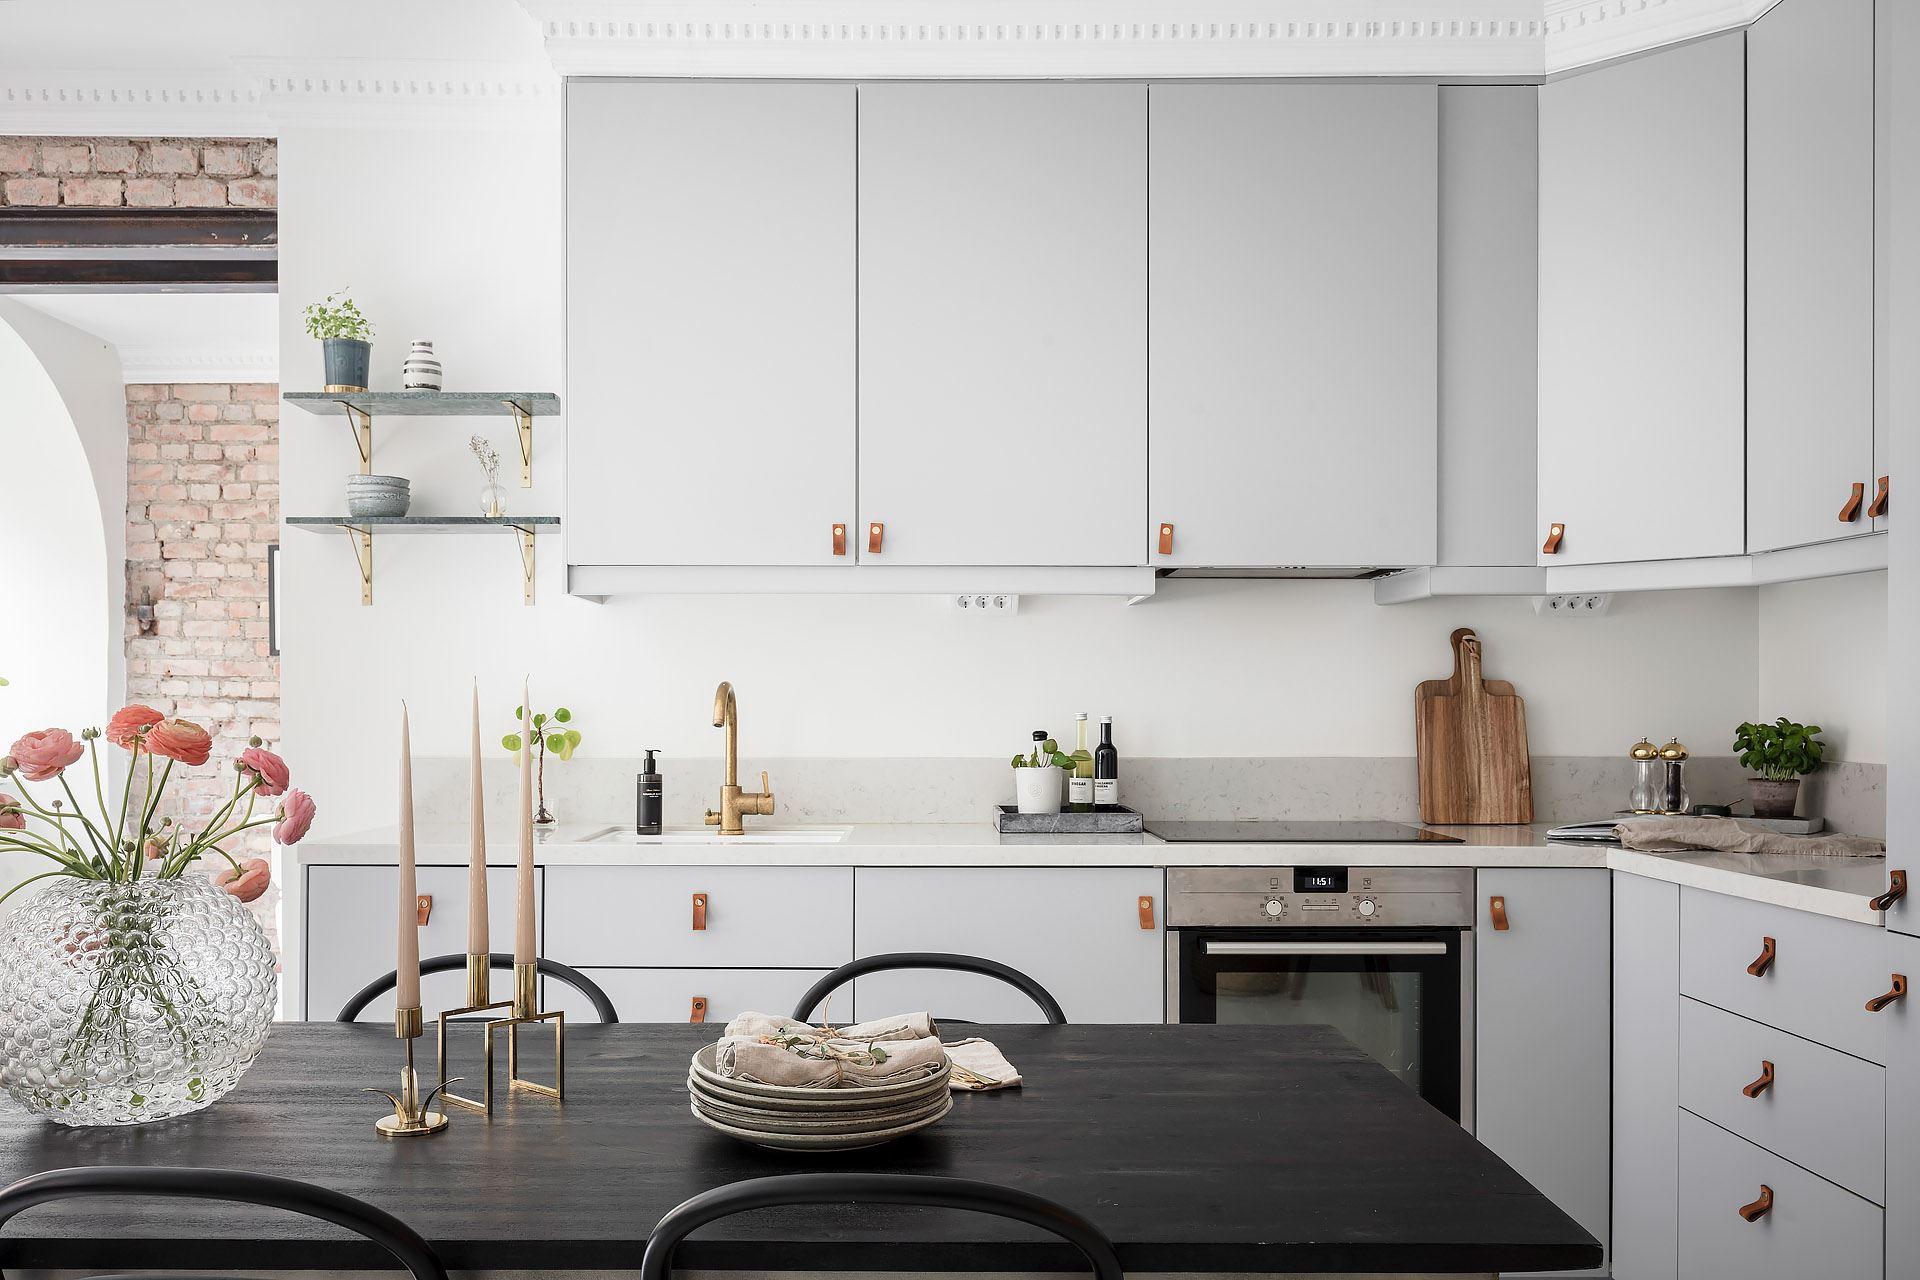 Cărămidă expusă și mânere din piele la corpurile de mobilier din bucătărie 4